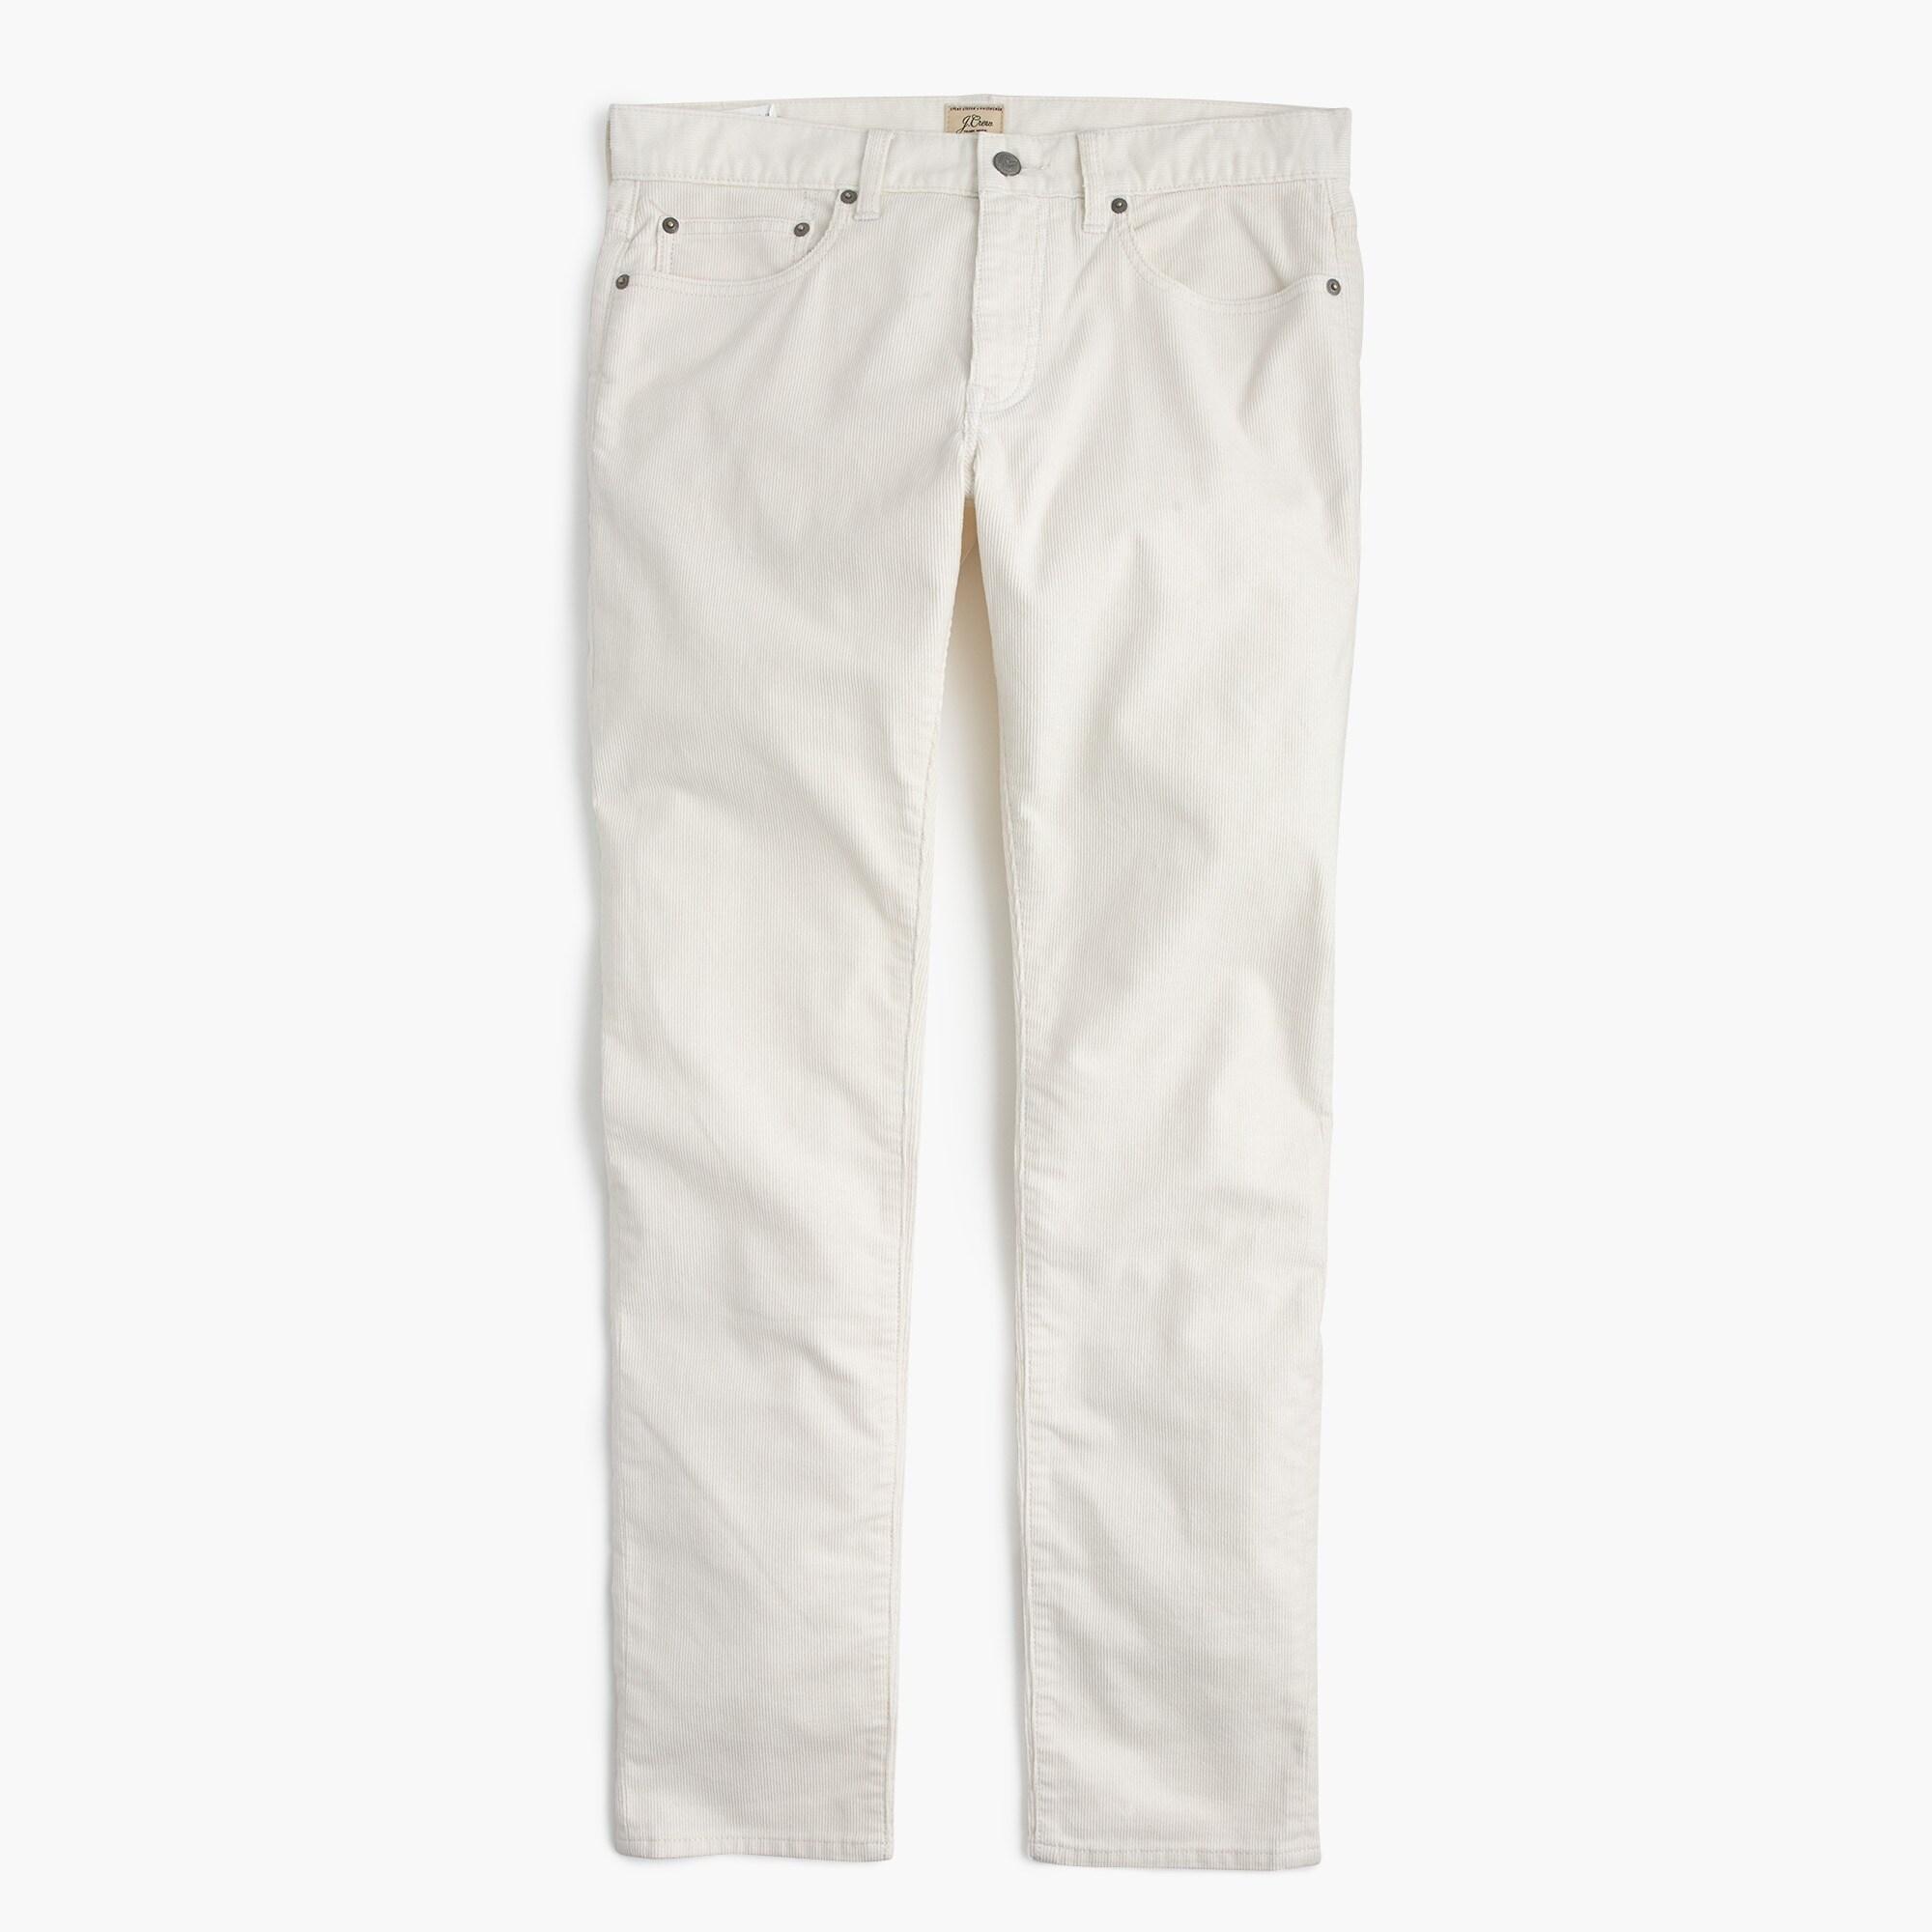 Mens White Corduroy Pants jzLw8Jwh